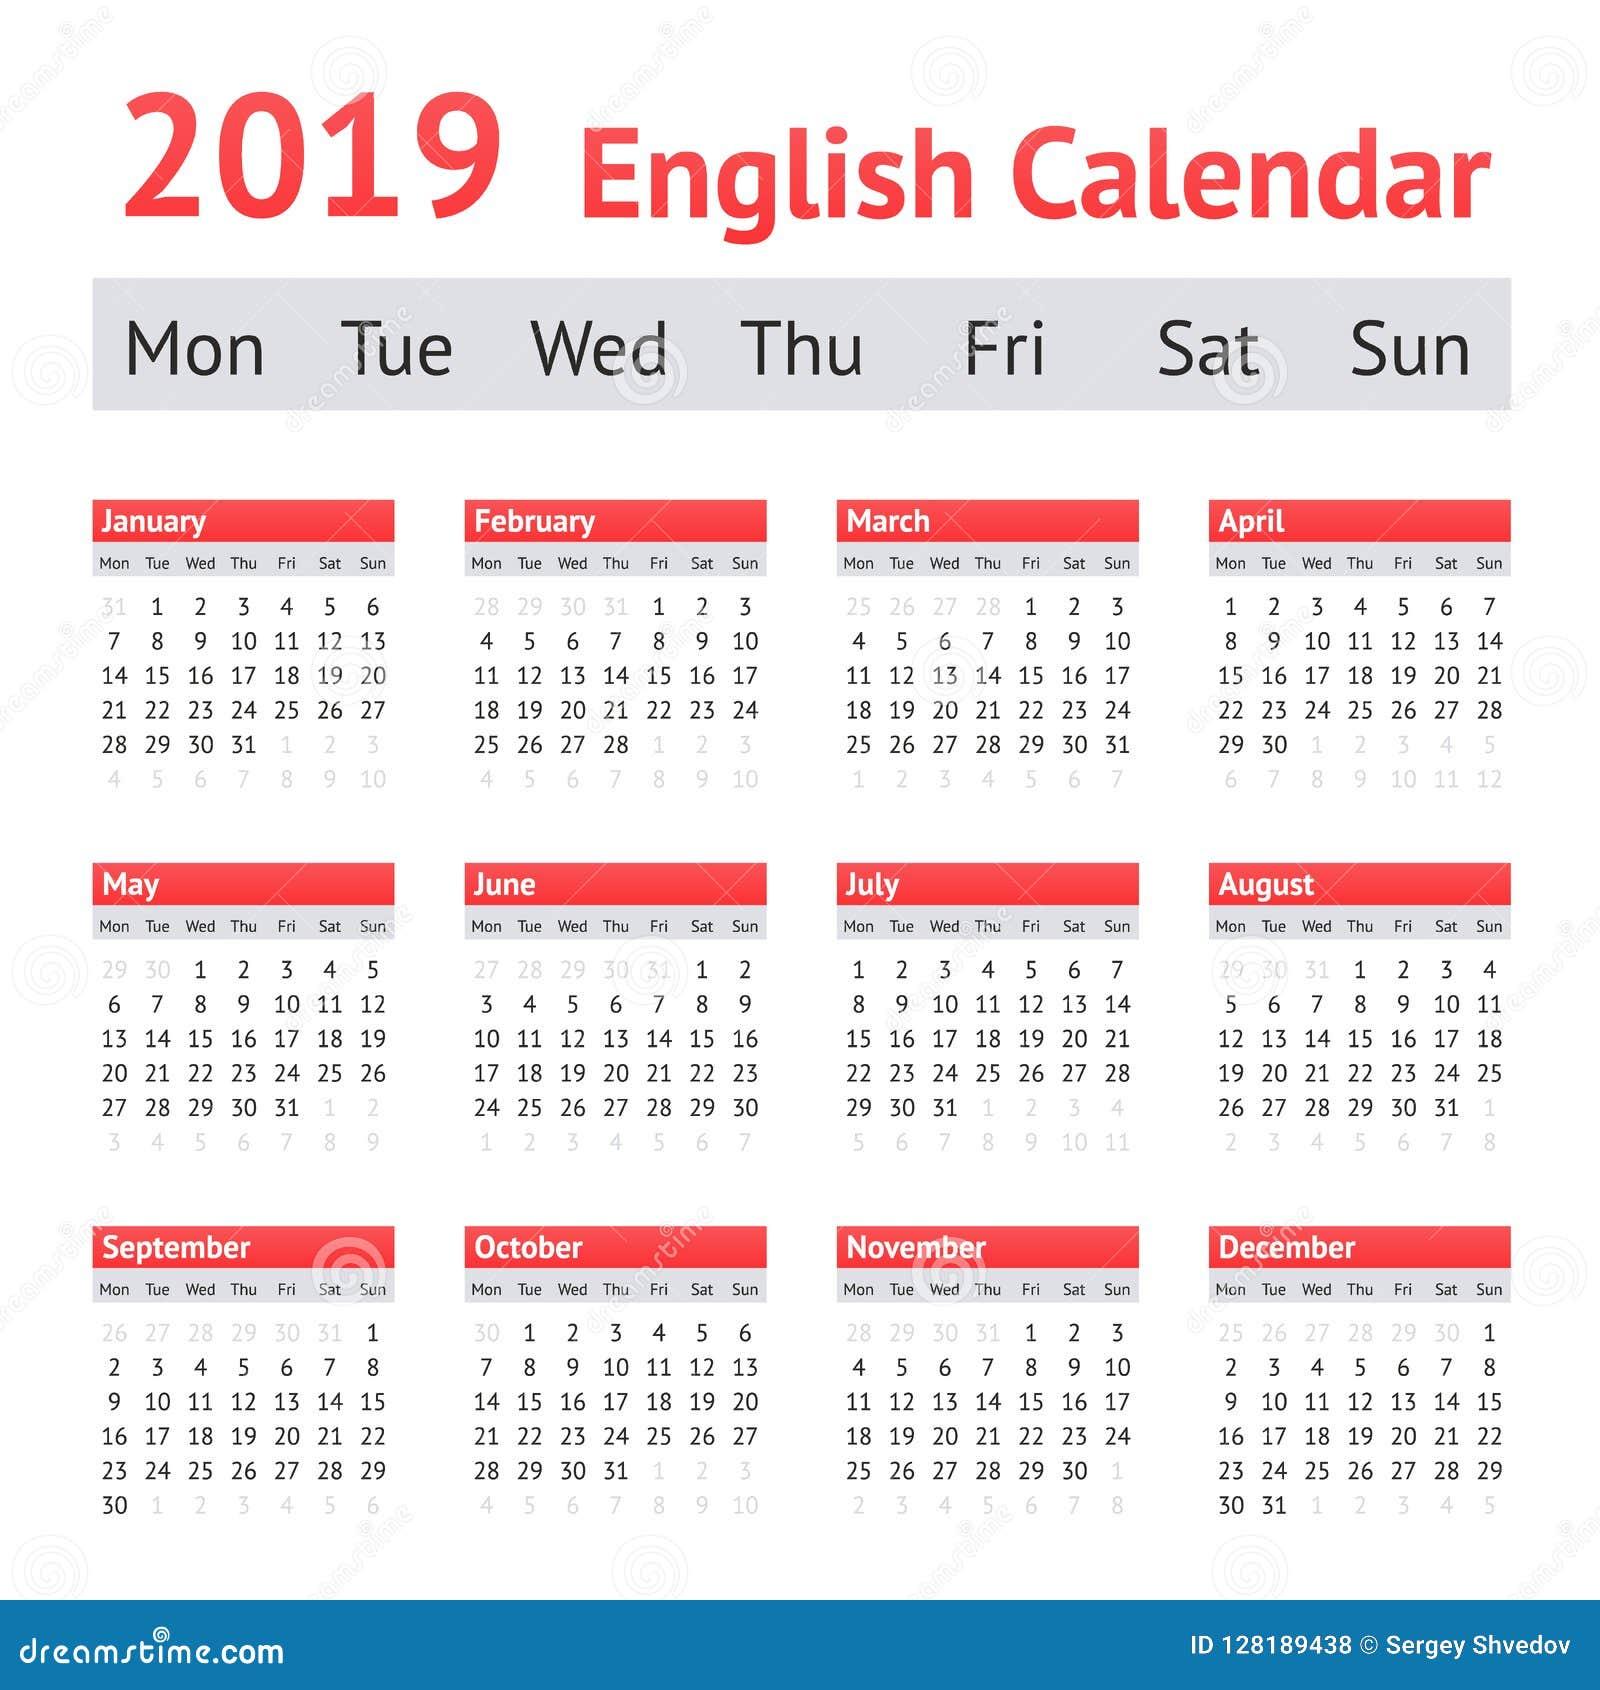 Calendario 2019 English.2019 European English Calendar Stock Vector Illustration